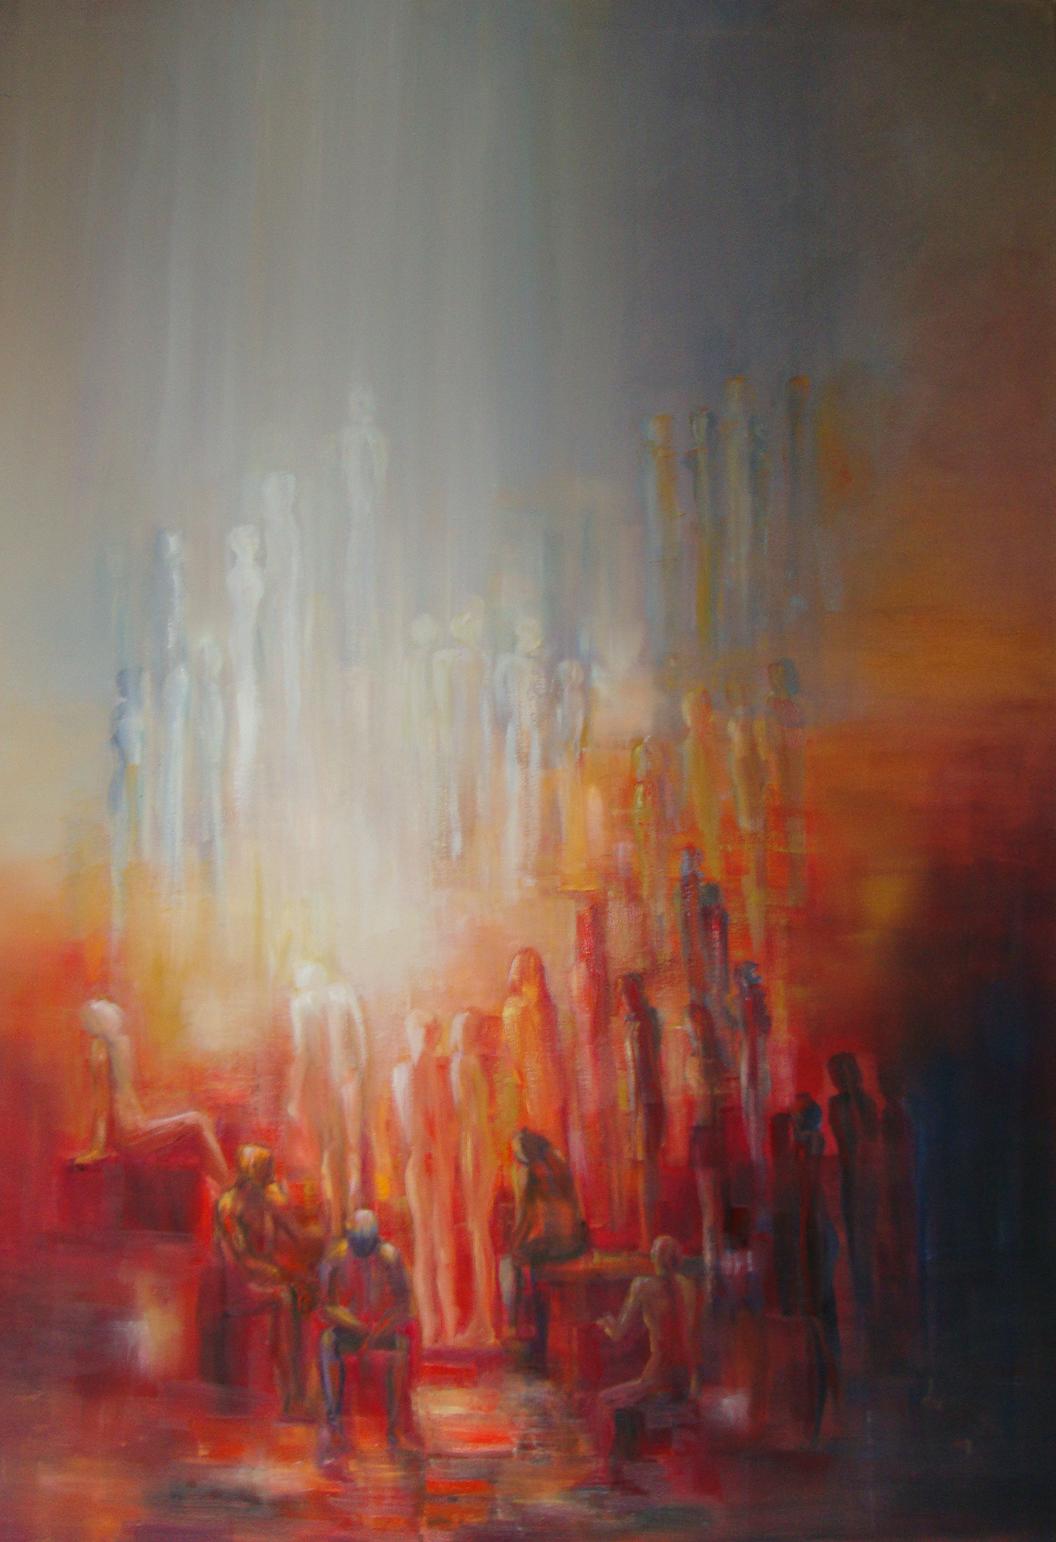 ثورة يناير، فن تشكيلي